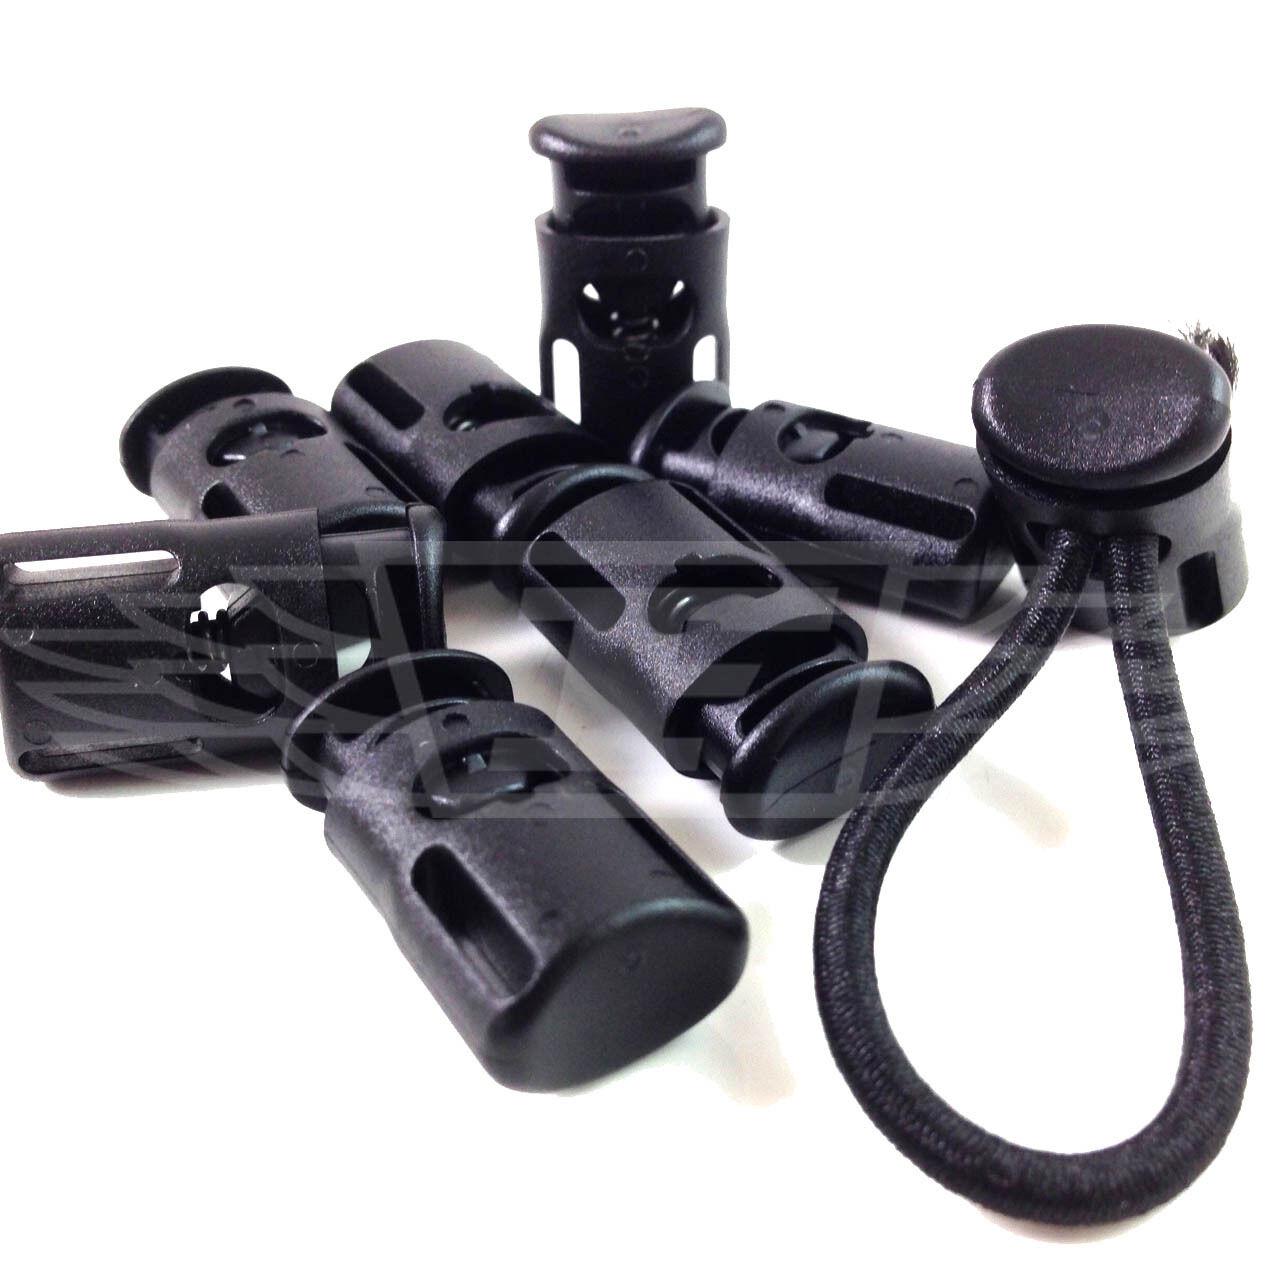 Cordon antichoc extrémités bouchons, plastique noir bungee élastique élastique élastique arrête de double trous, crochets 36e477